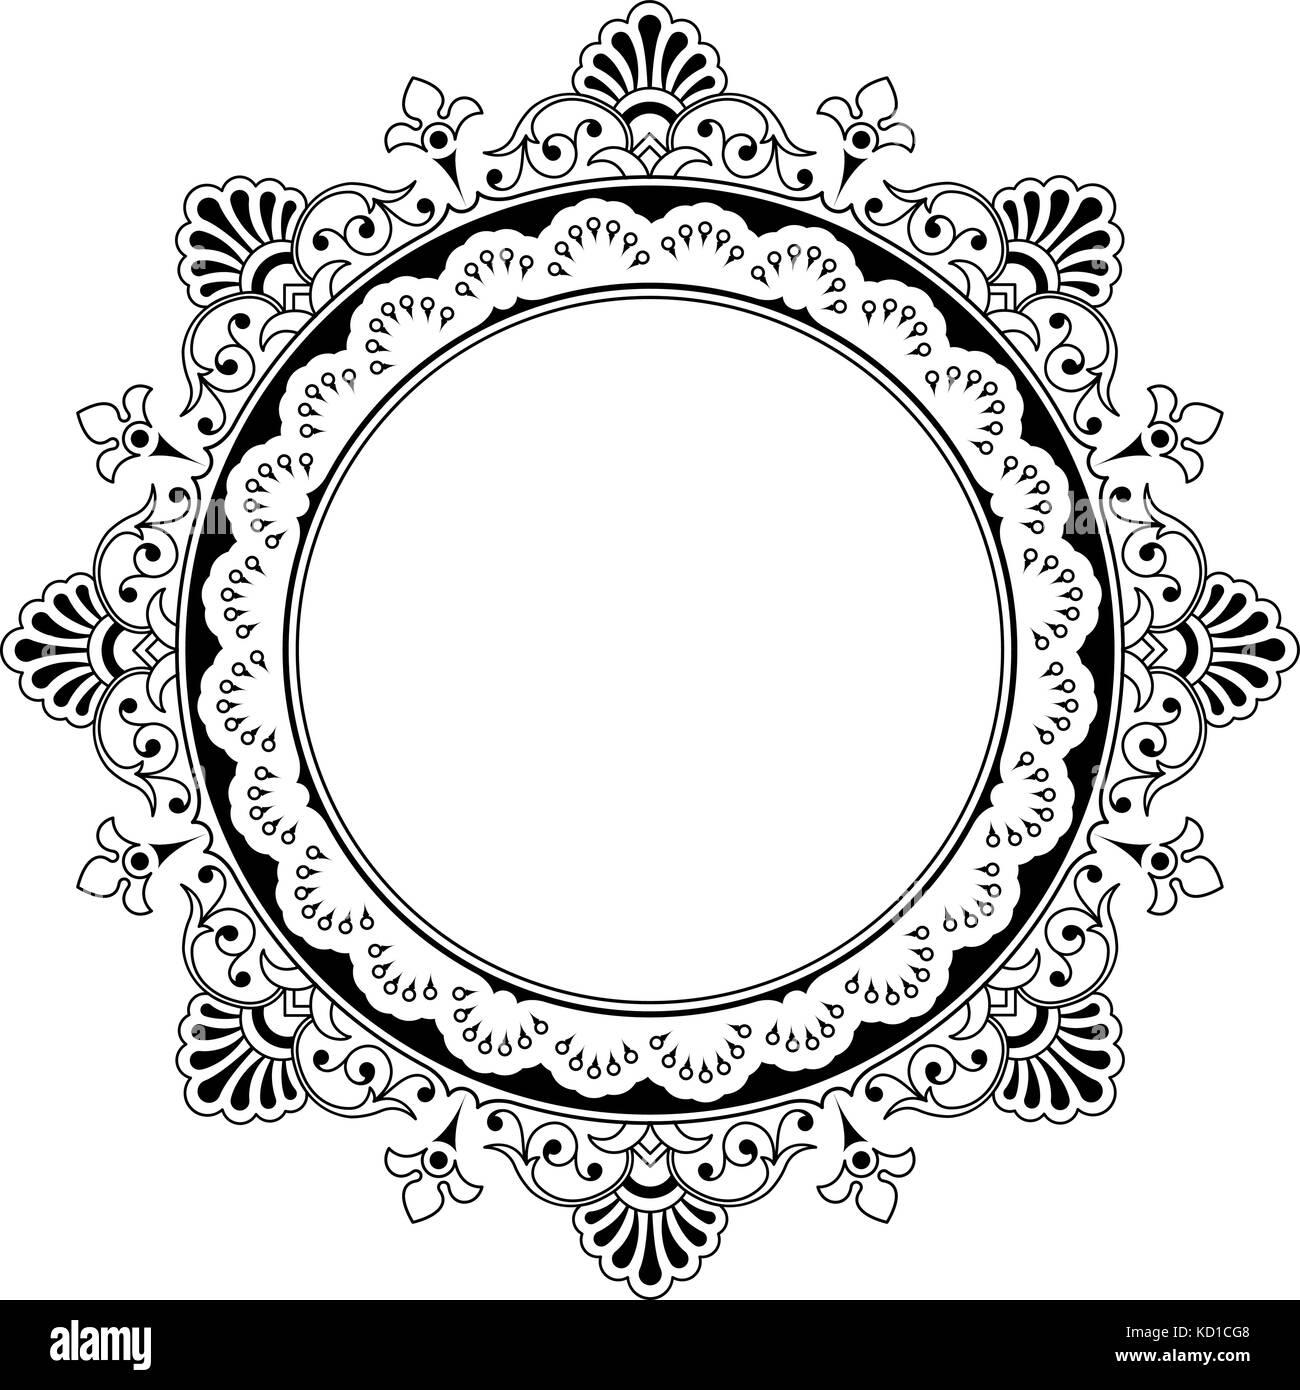 Schwarzer Rahmen Vektor auf weißem Hintergrund. Runde floralen ...